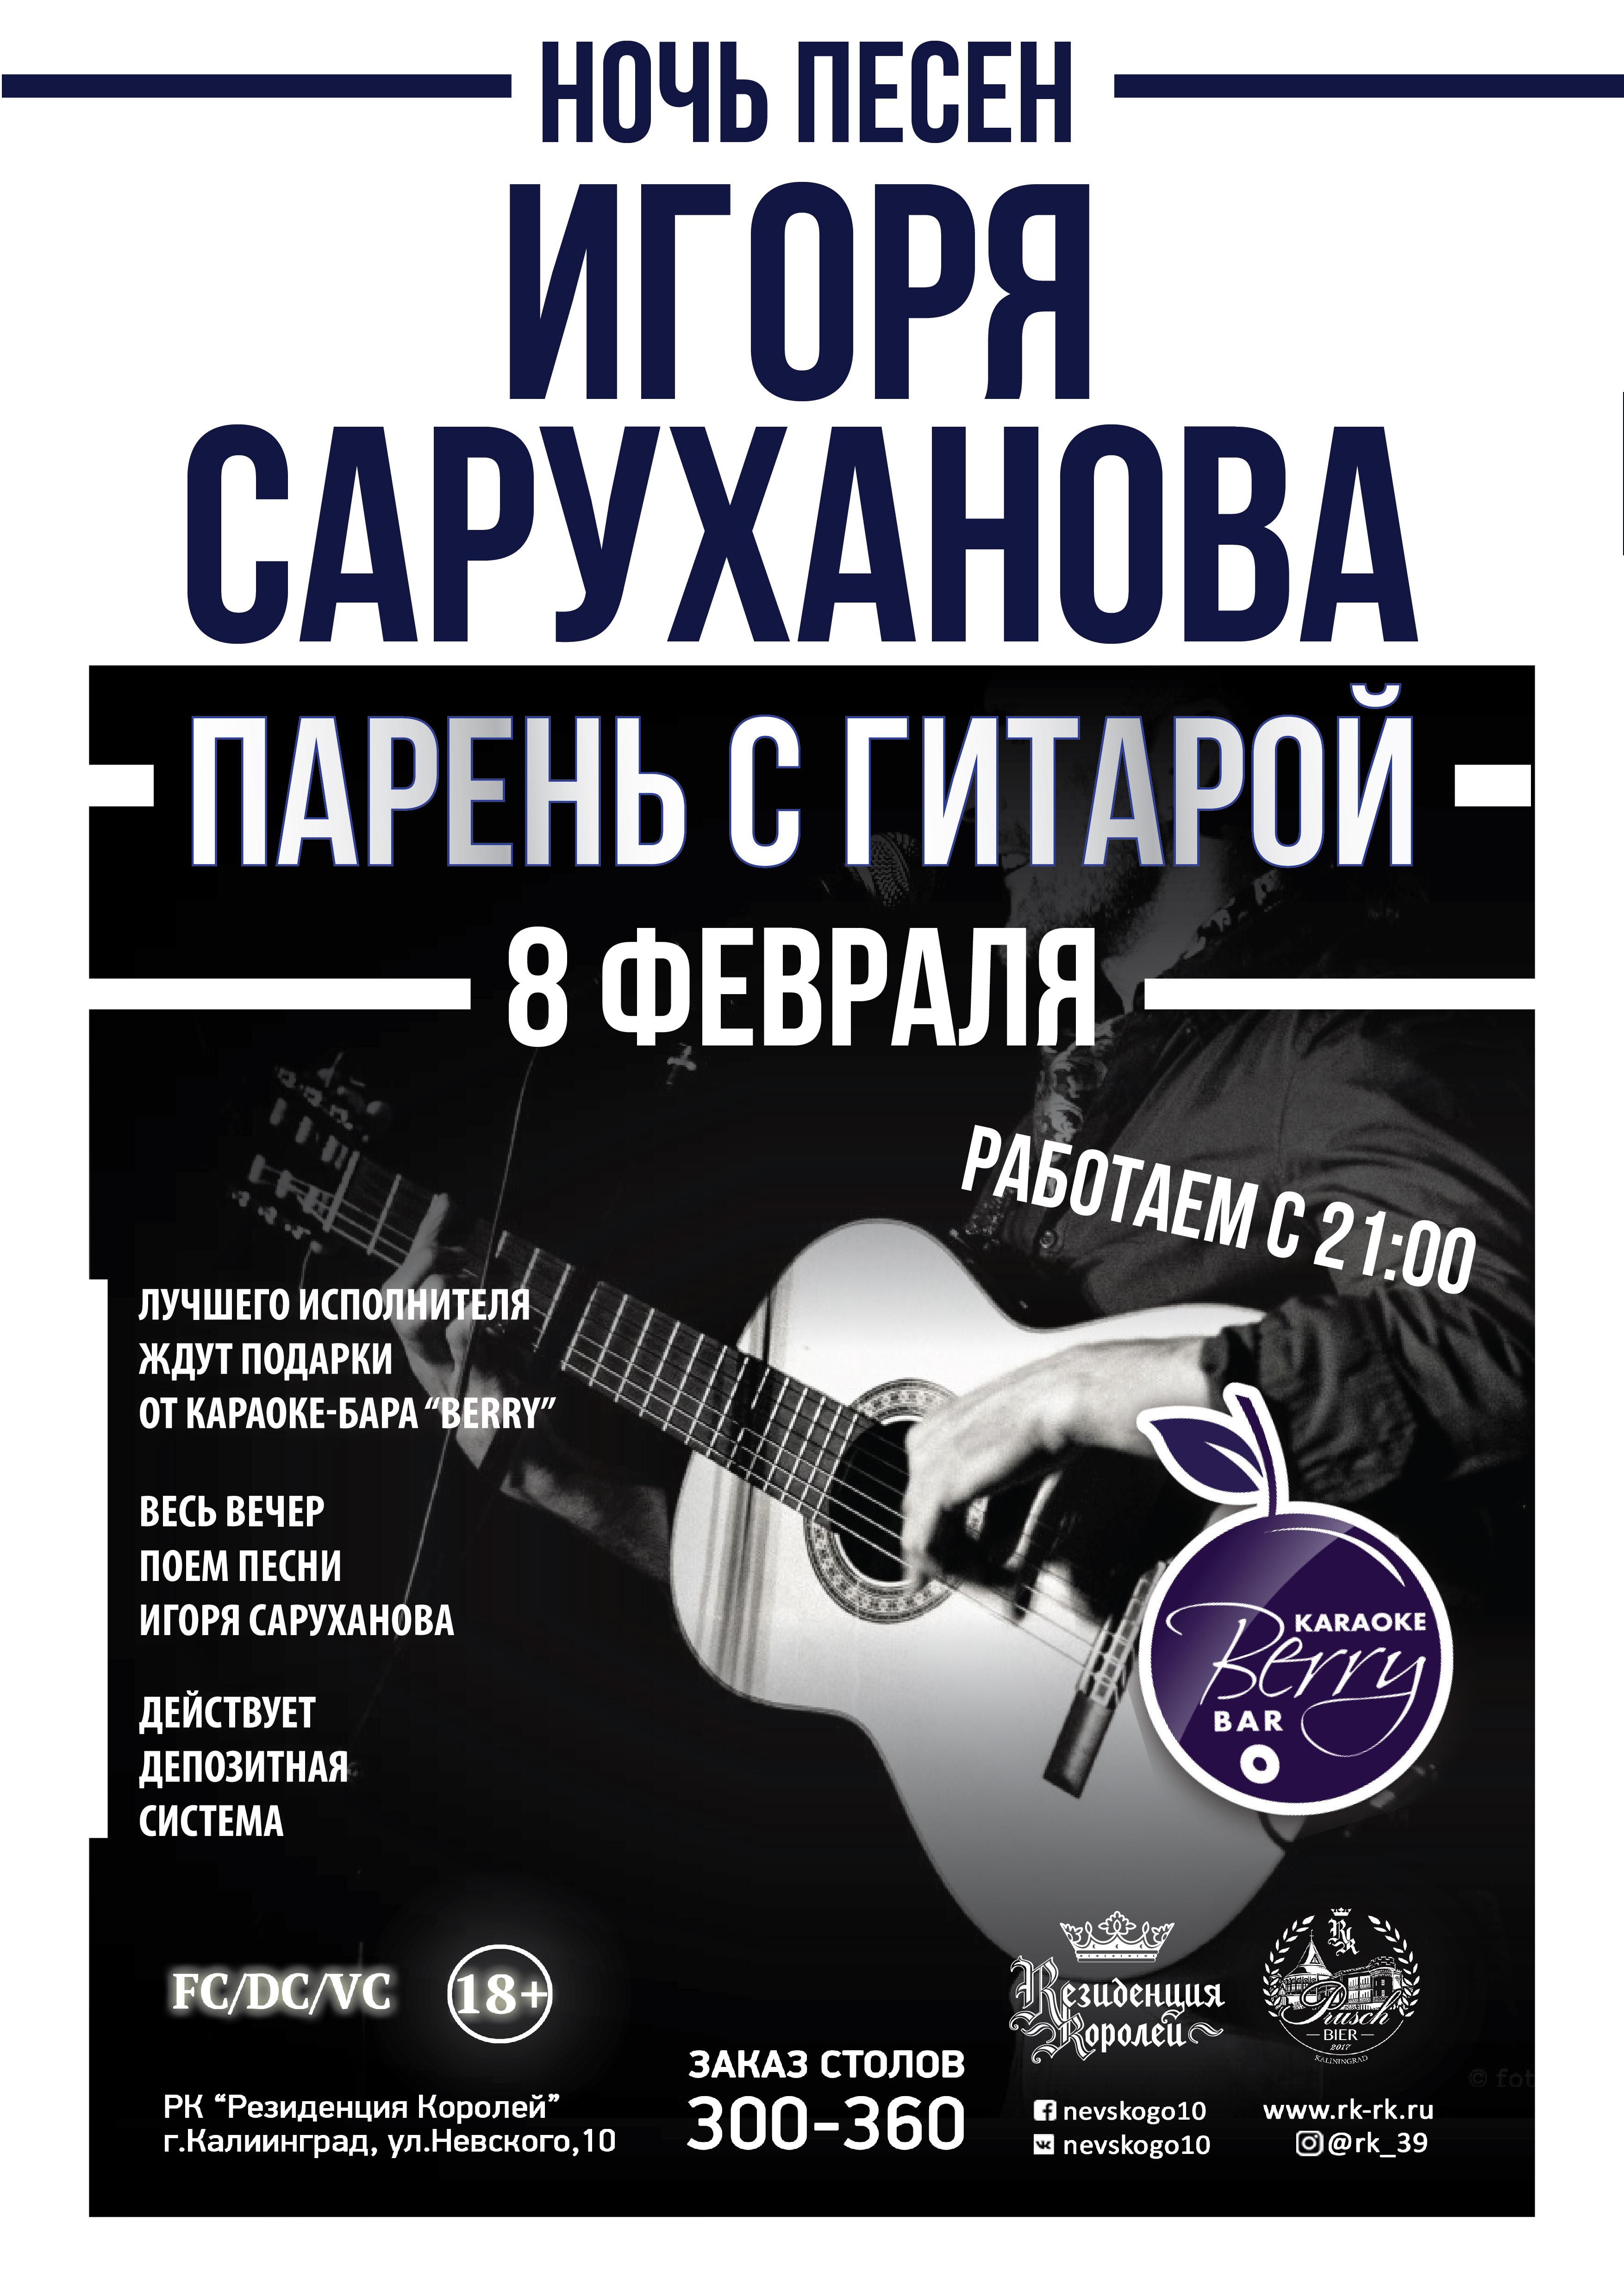 8 февраля Саруханов А1